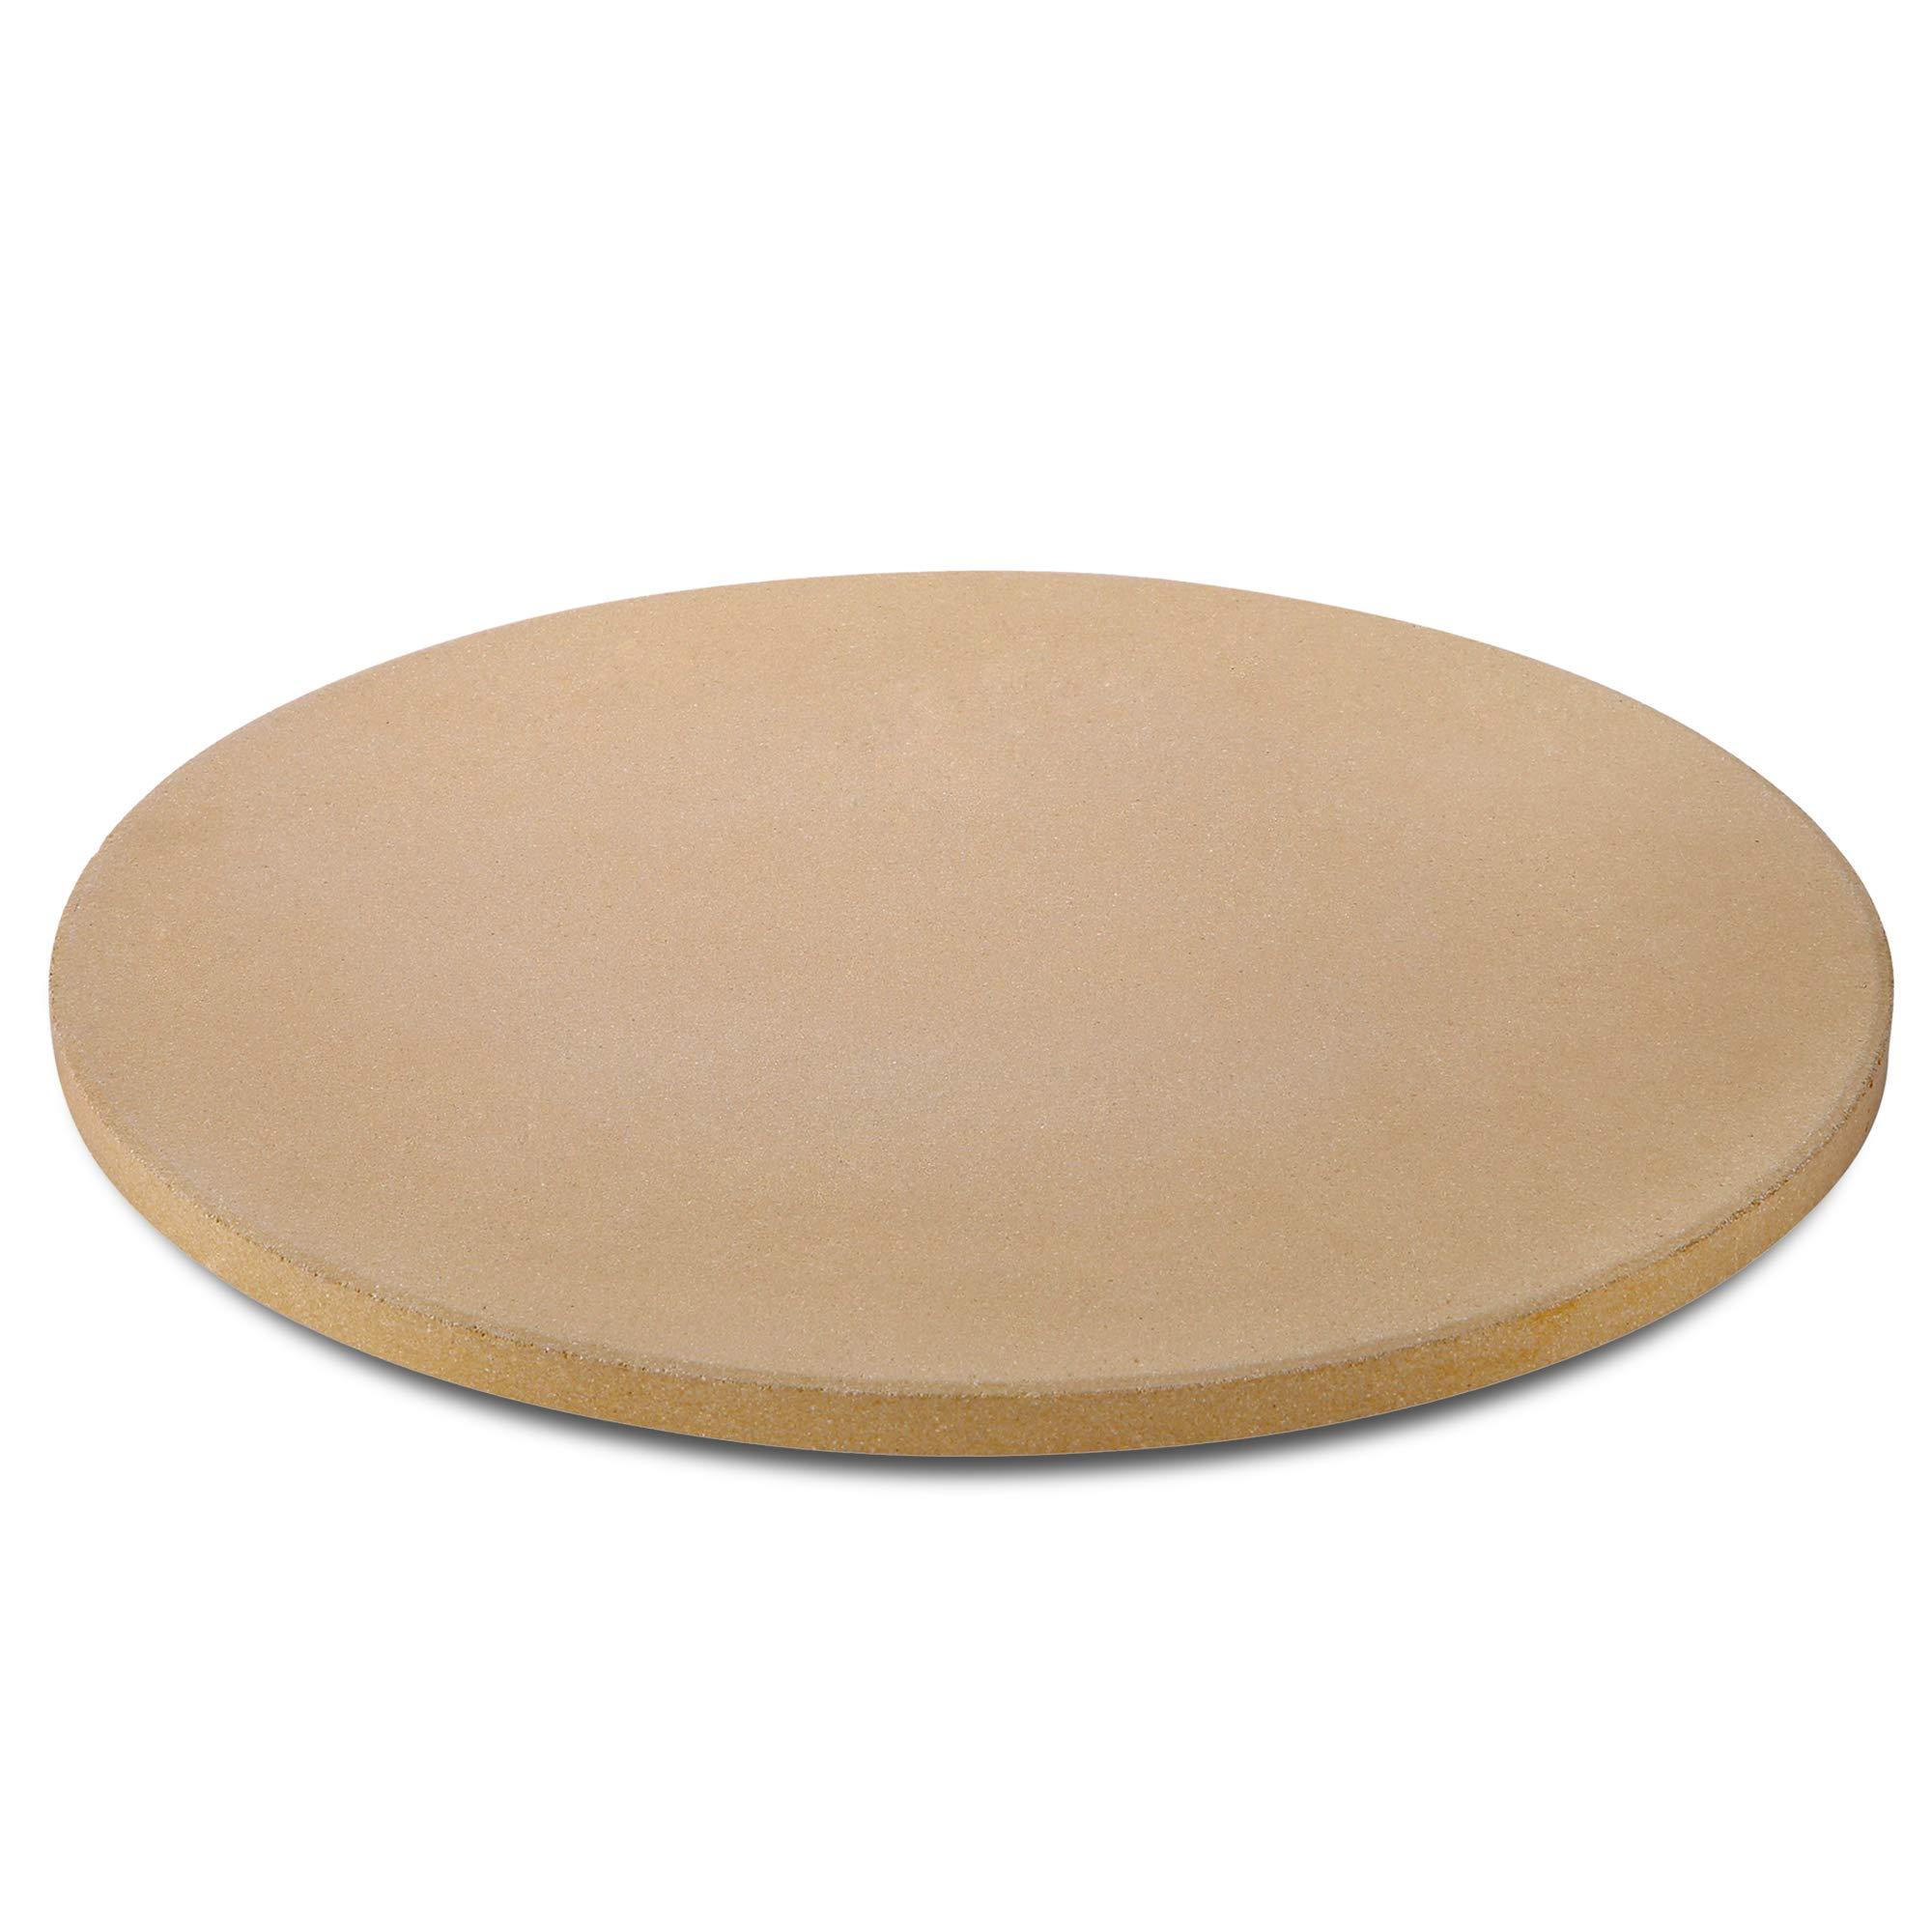 Unicook Ceramic Grilling Perfect Resistant